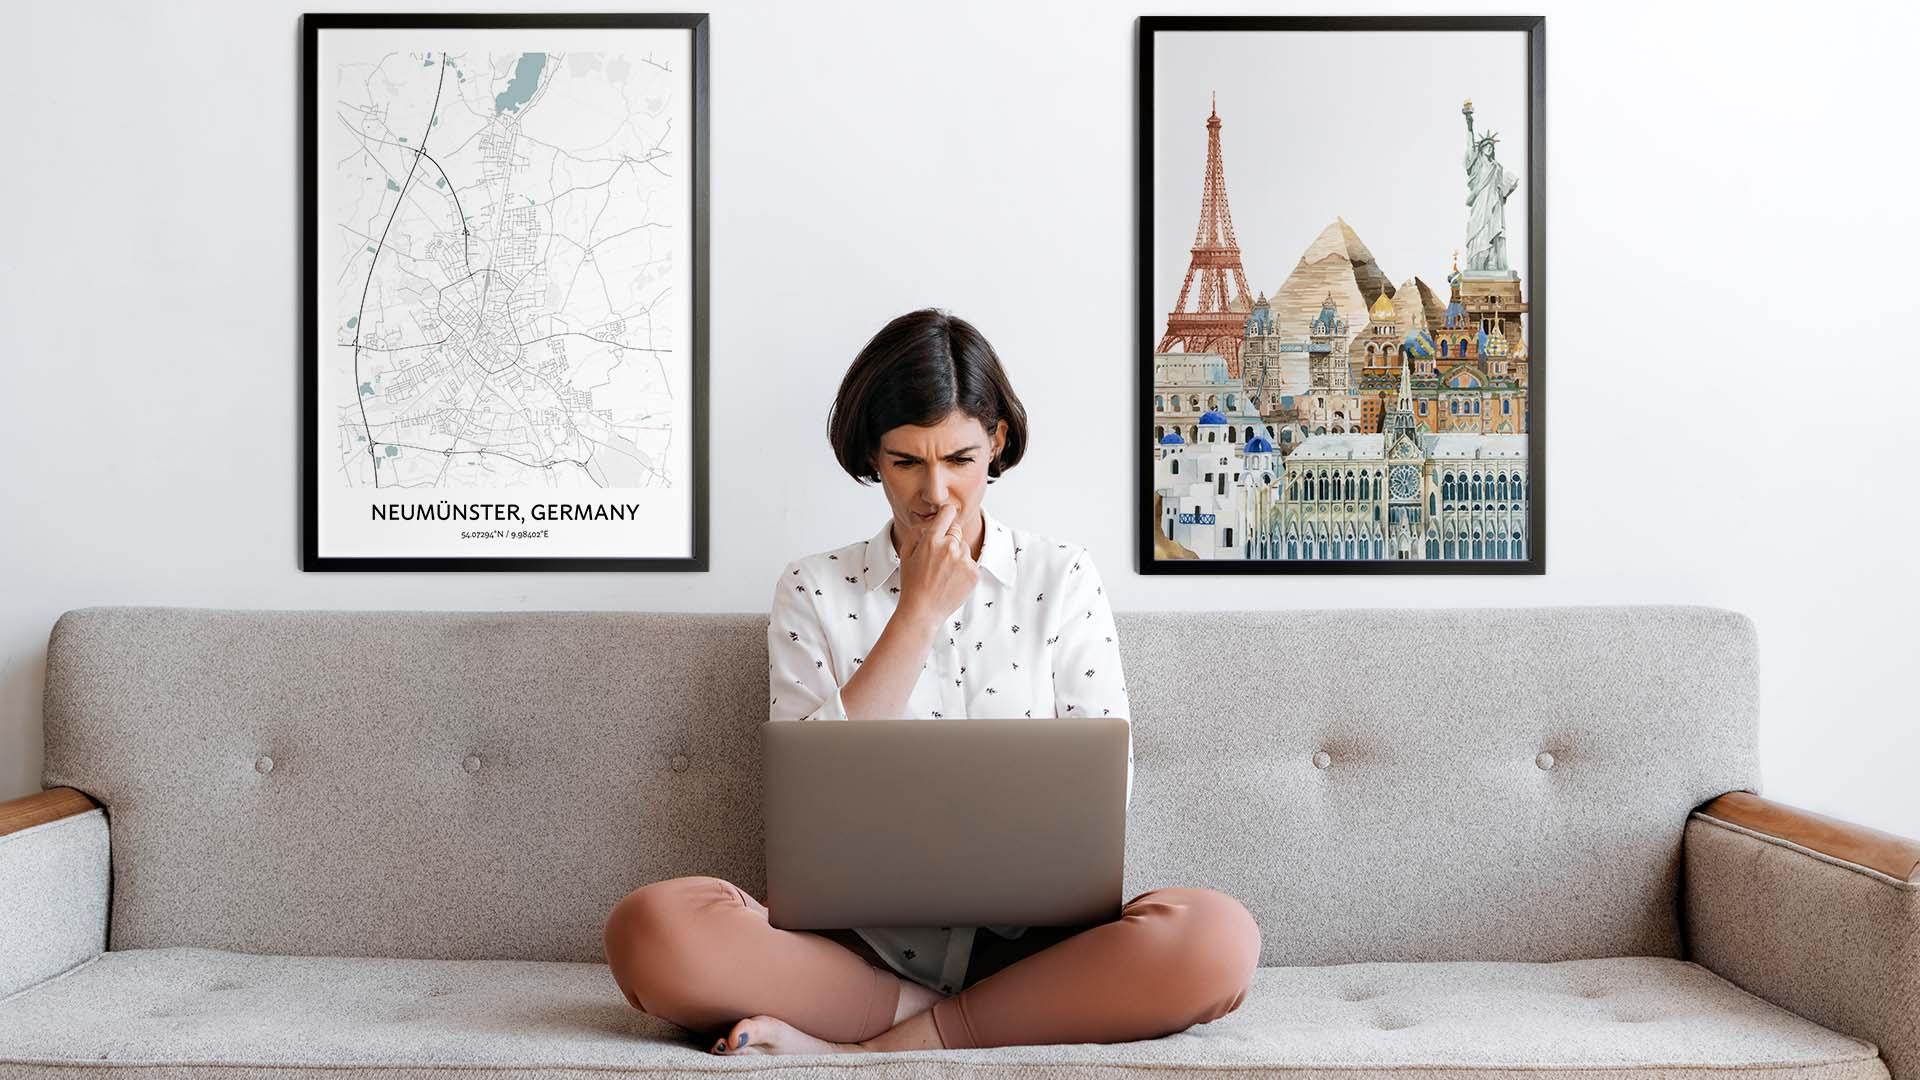 Neumunster city map art